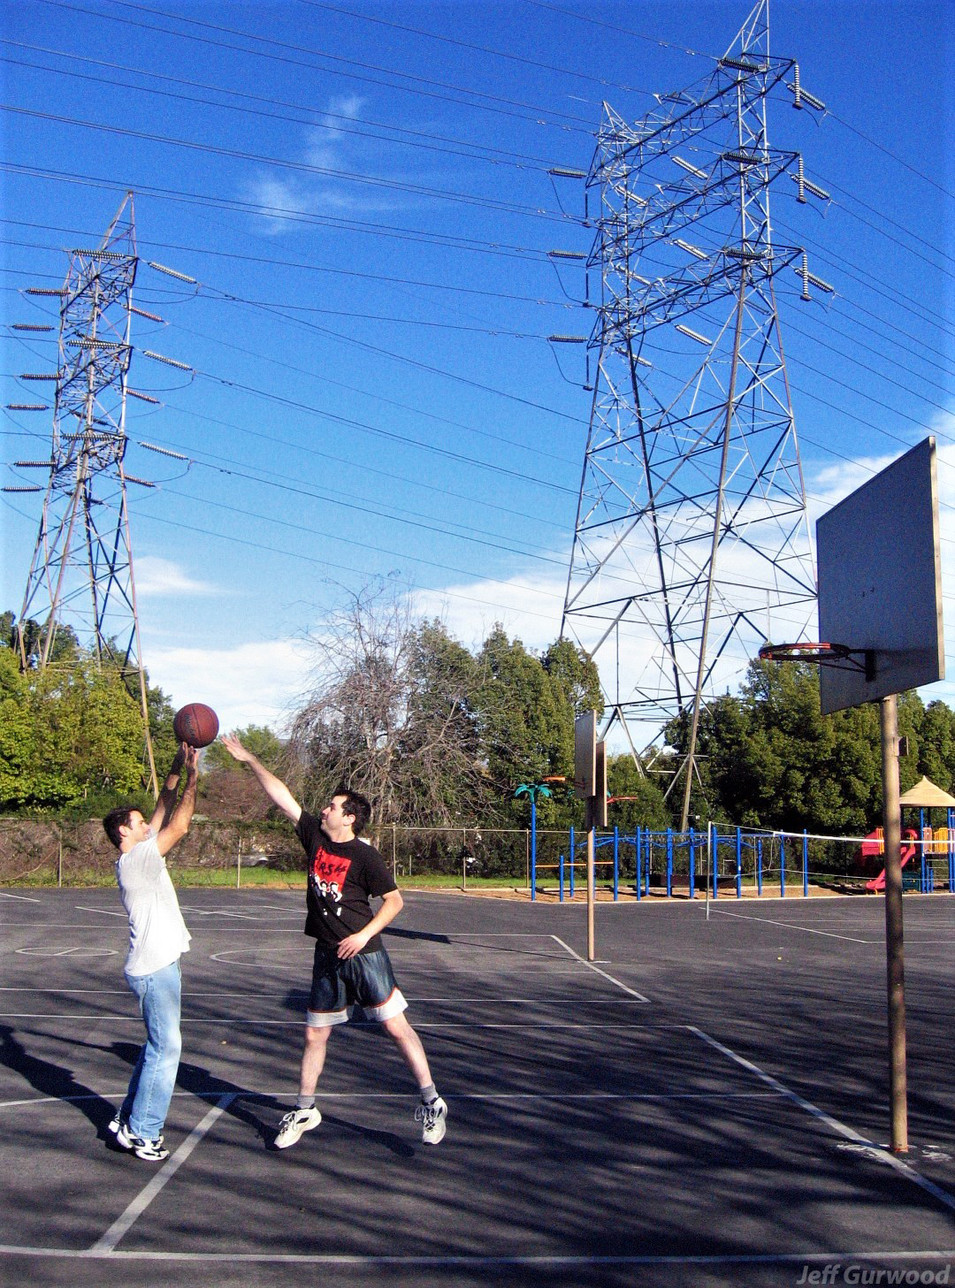 B Ball Outside the School 2005